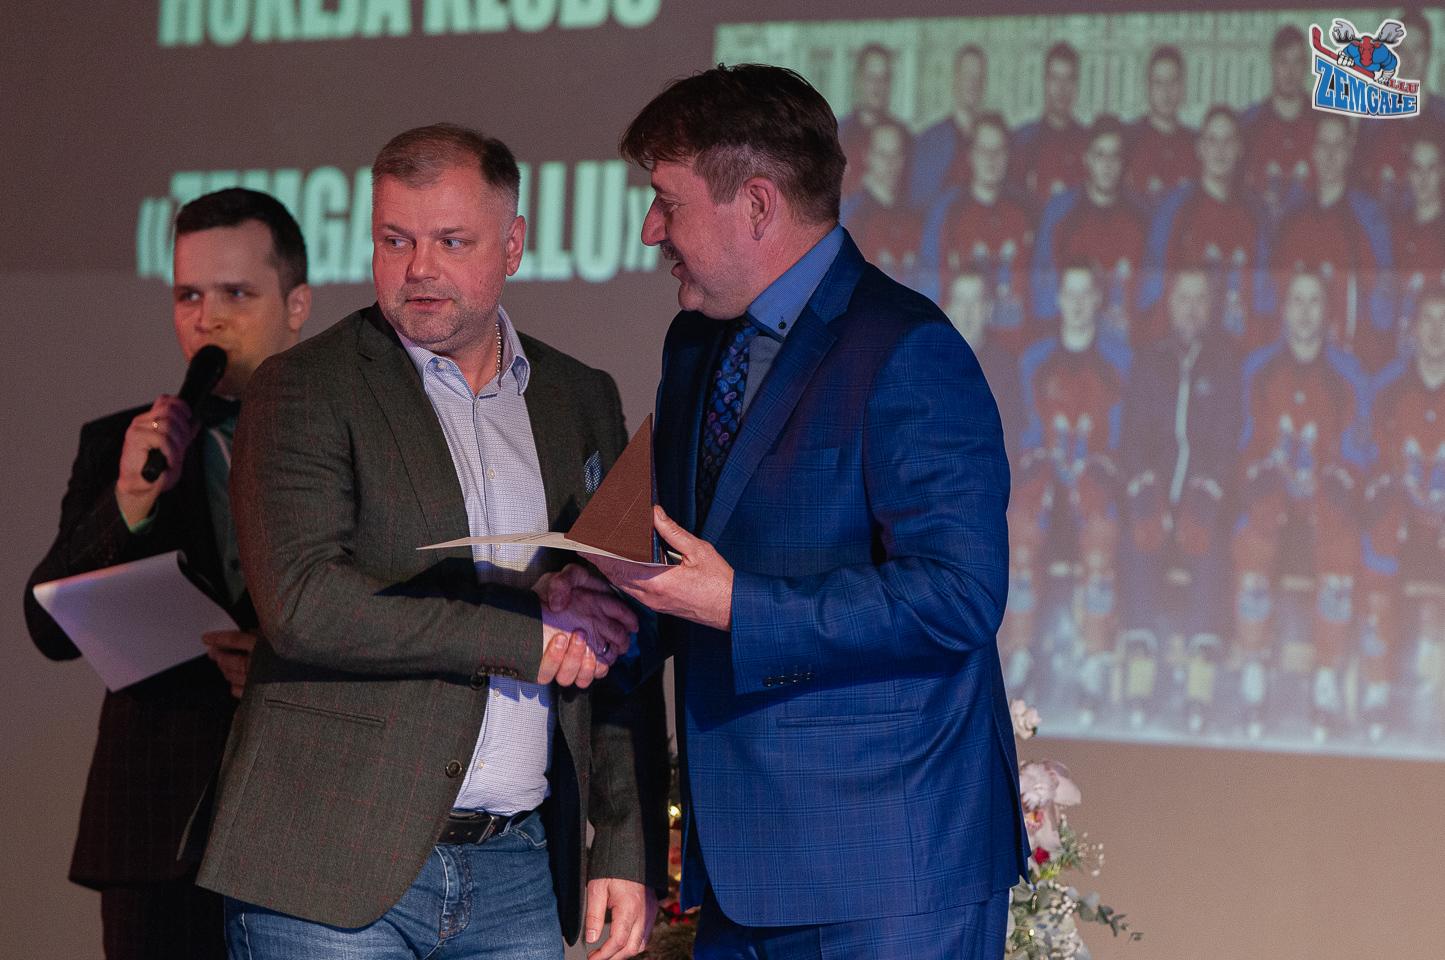 Divi vīrieši spiež viens otram rokas, fonā vīrietis runā mikrofonā